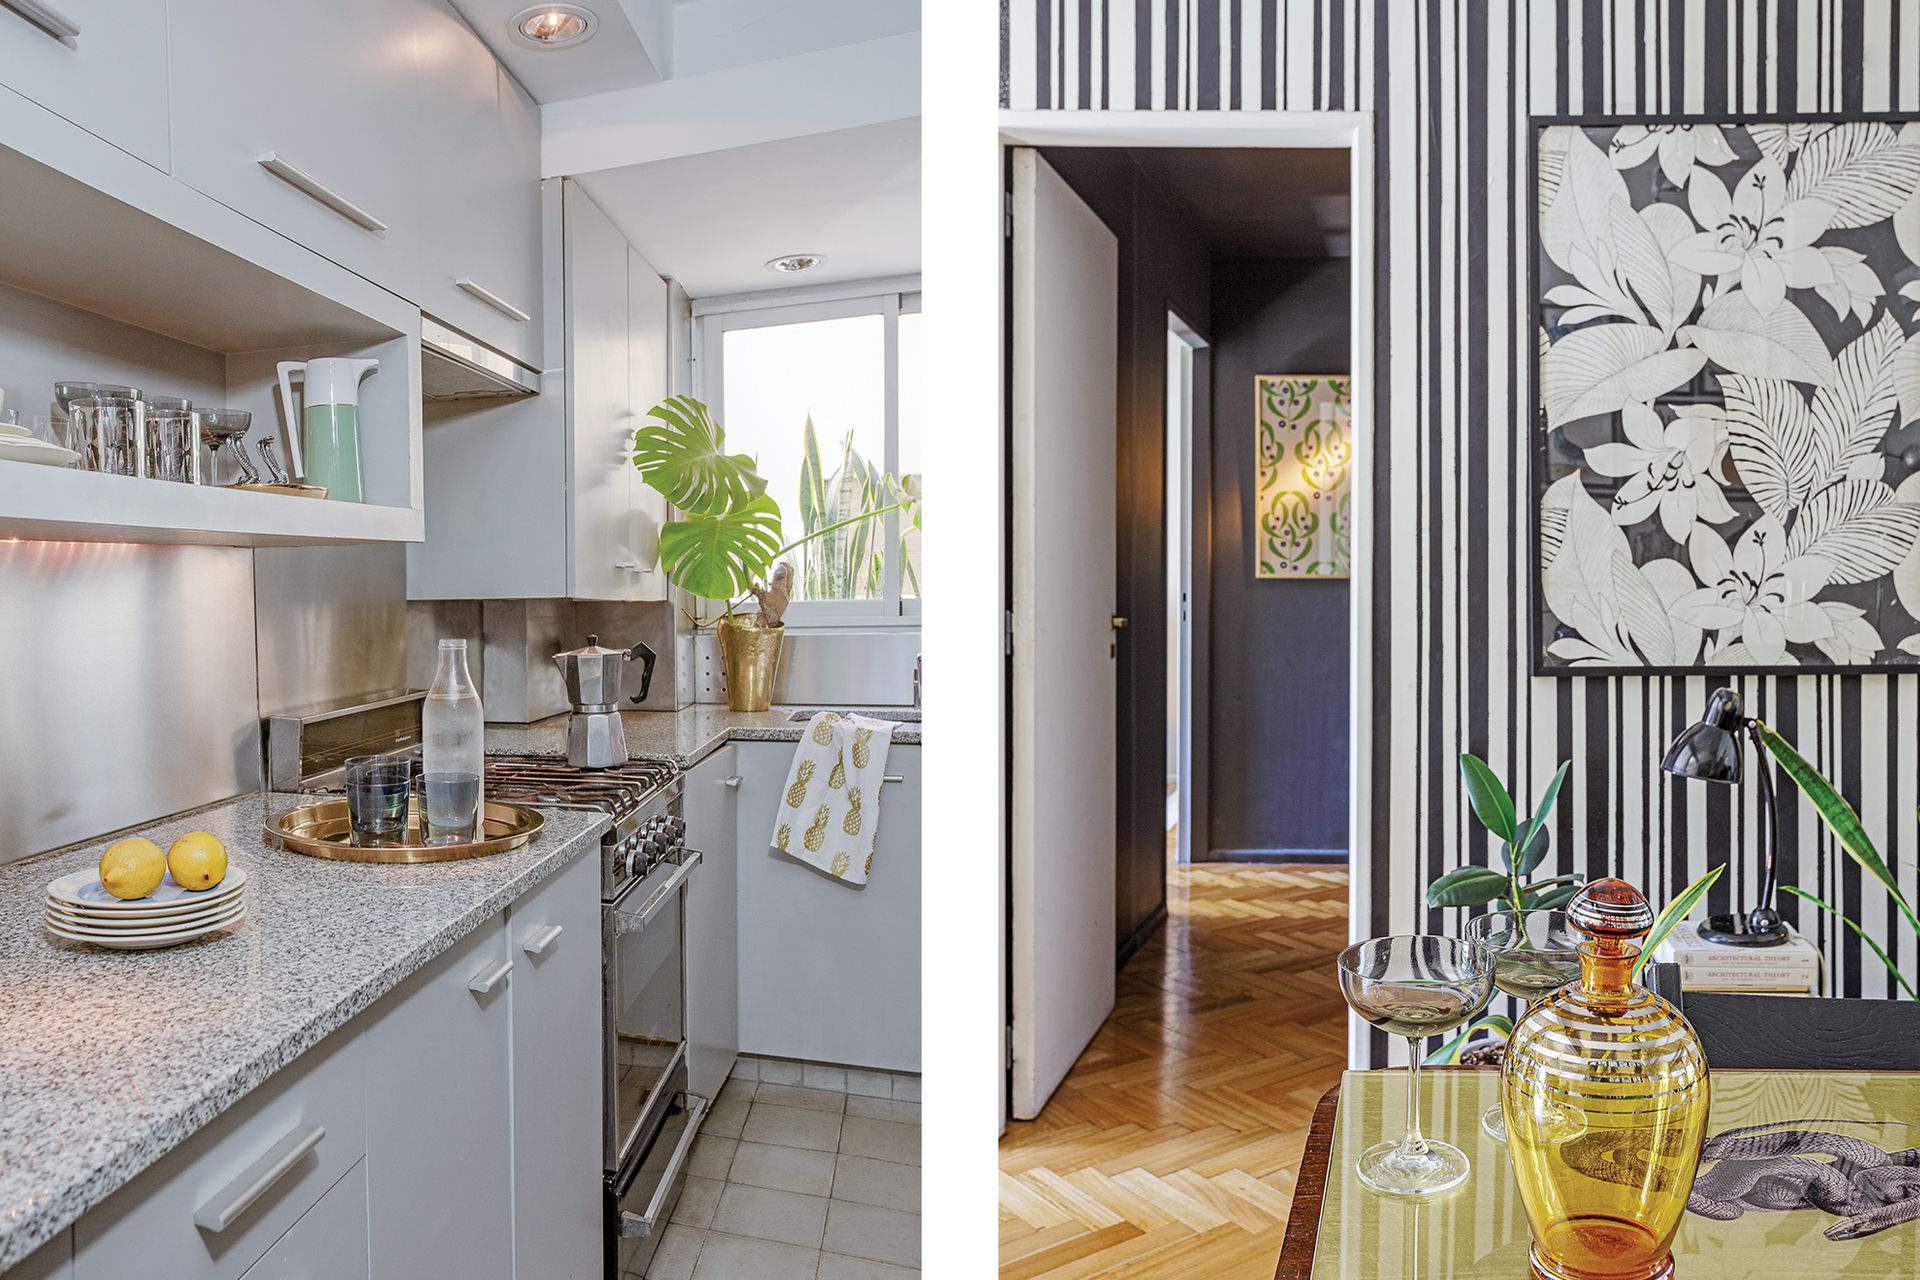 La cocina fue remodelada y ampliada cuando la familia compró la propiedad, en 1997: funcional, sigue vigente para el uso cotidiano.